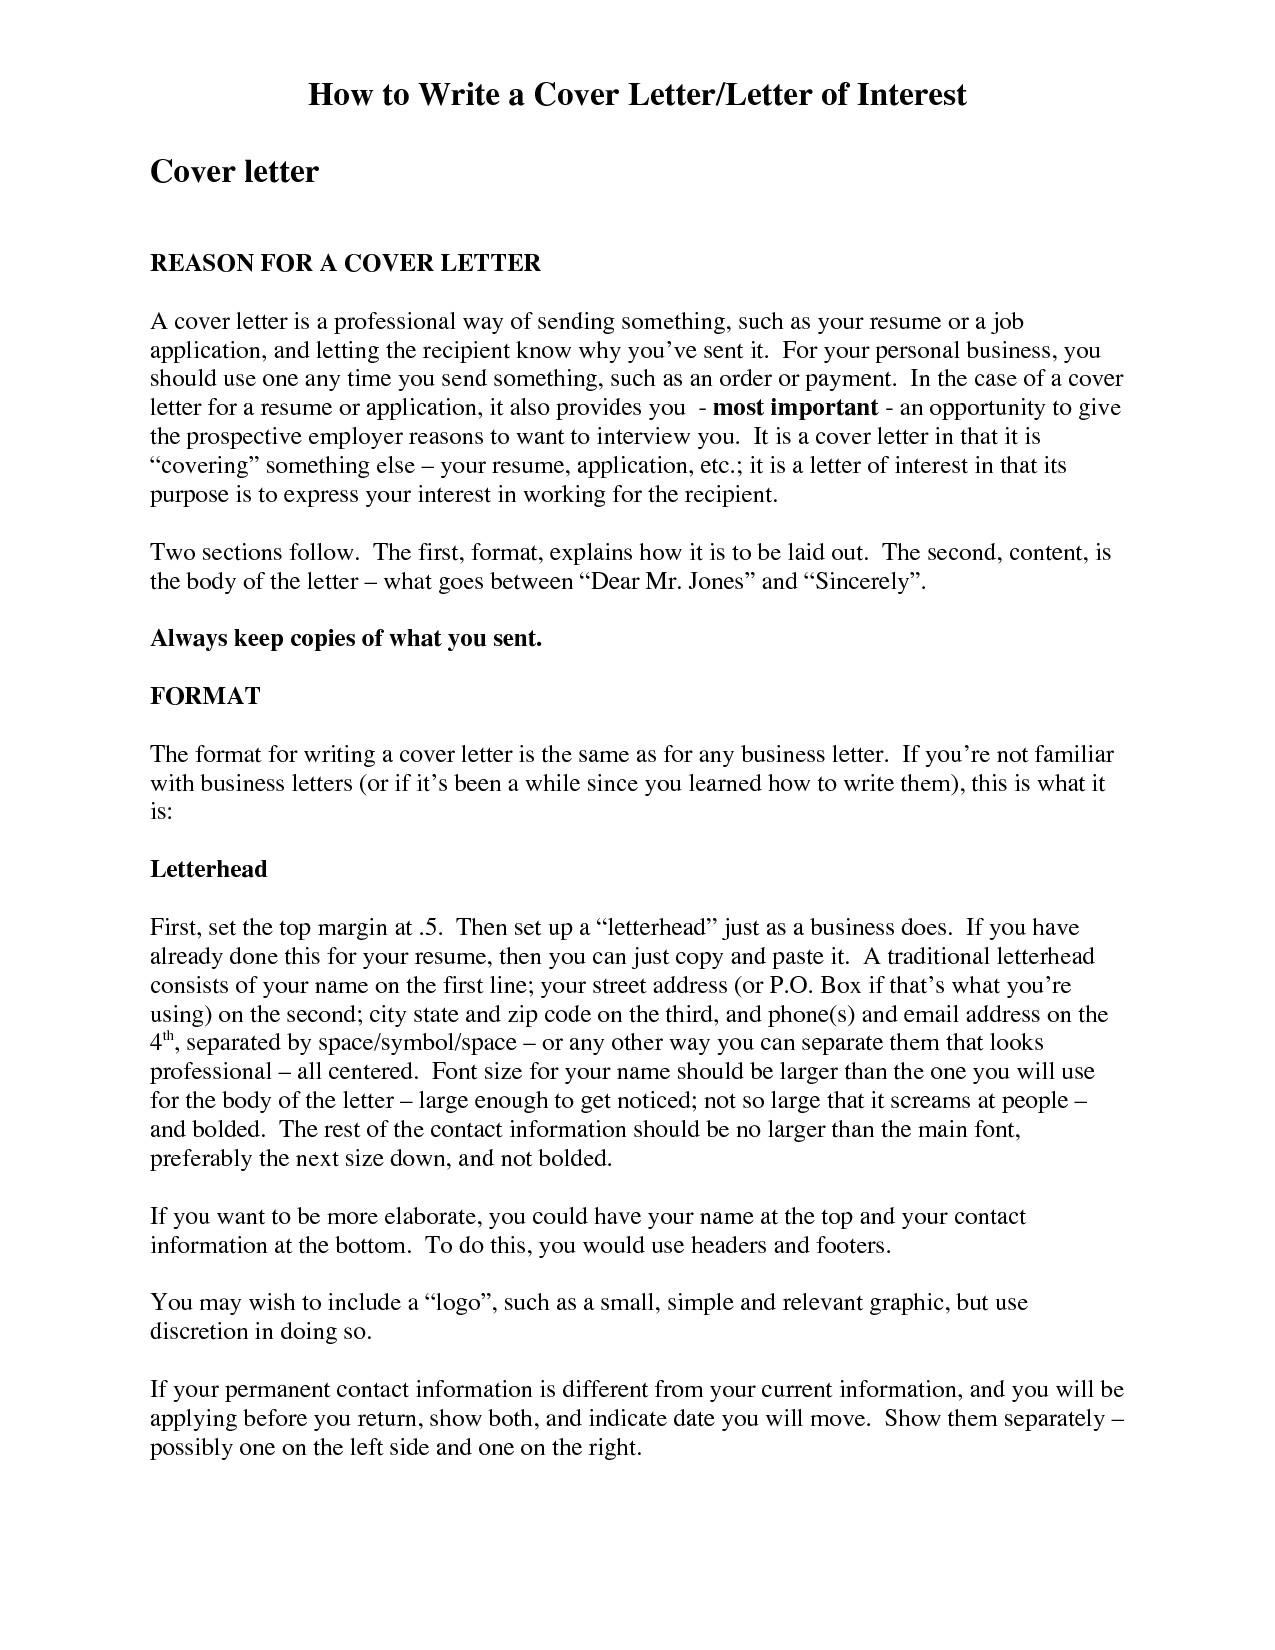 letter of interest cover letter